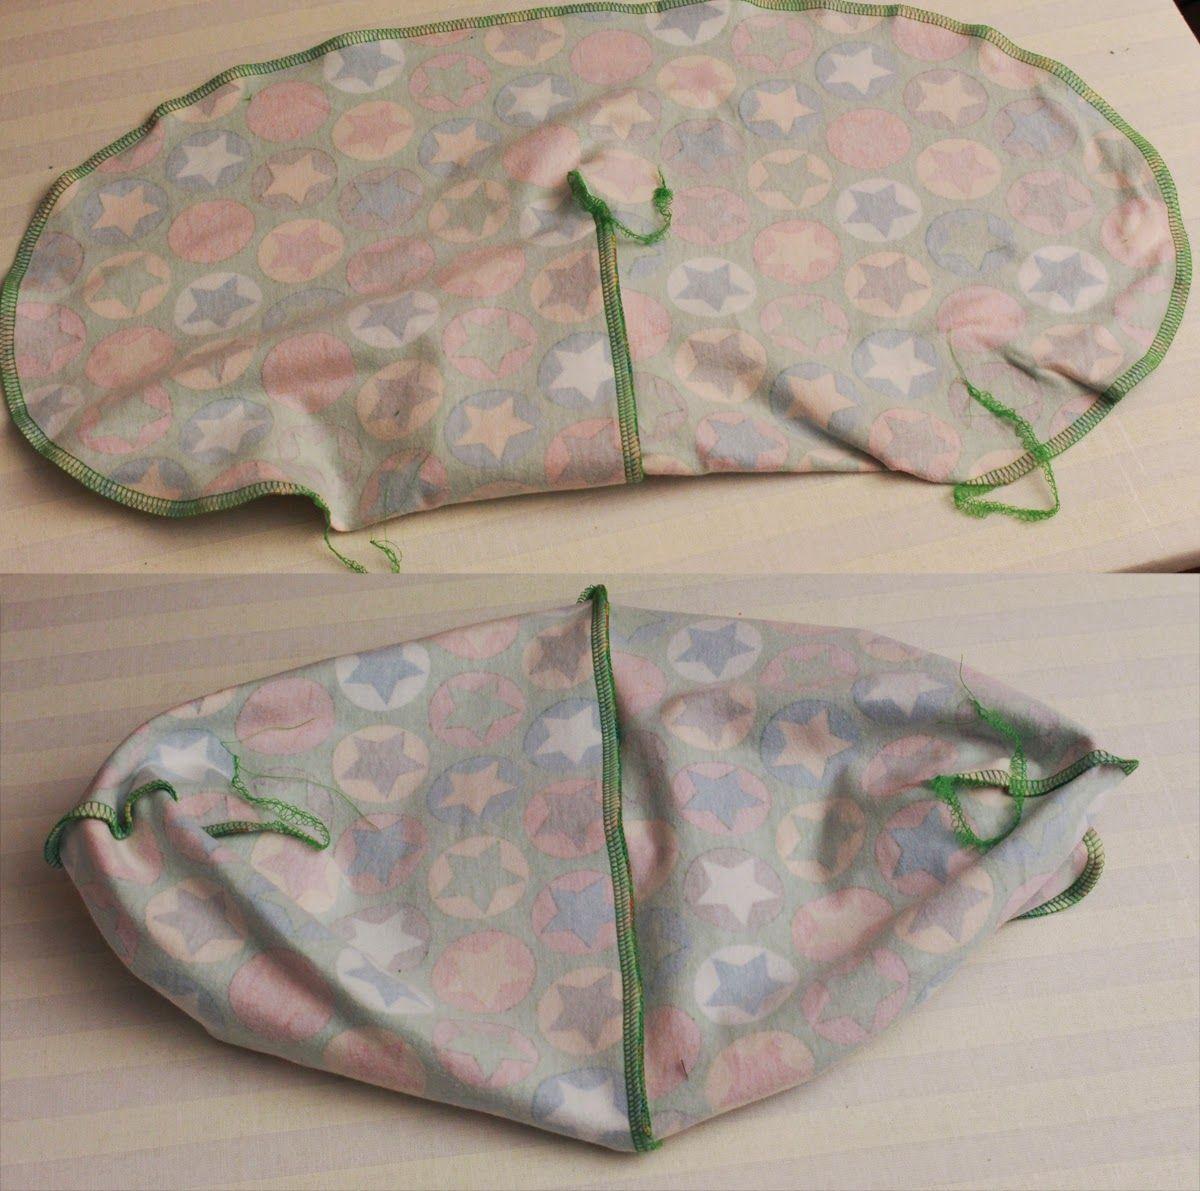 67695a7888c0 Oj vad populära dessa keps-mössor är såhär på våren, åtminstone i  sy-kretsar. De kallas av den del för meps och här följer en liten beskriv.